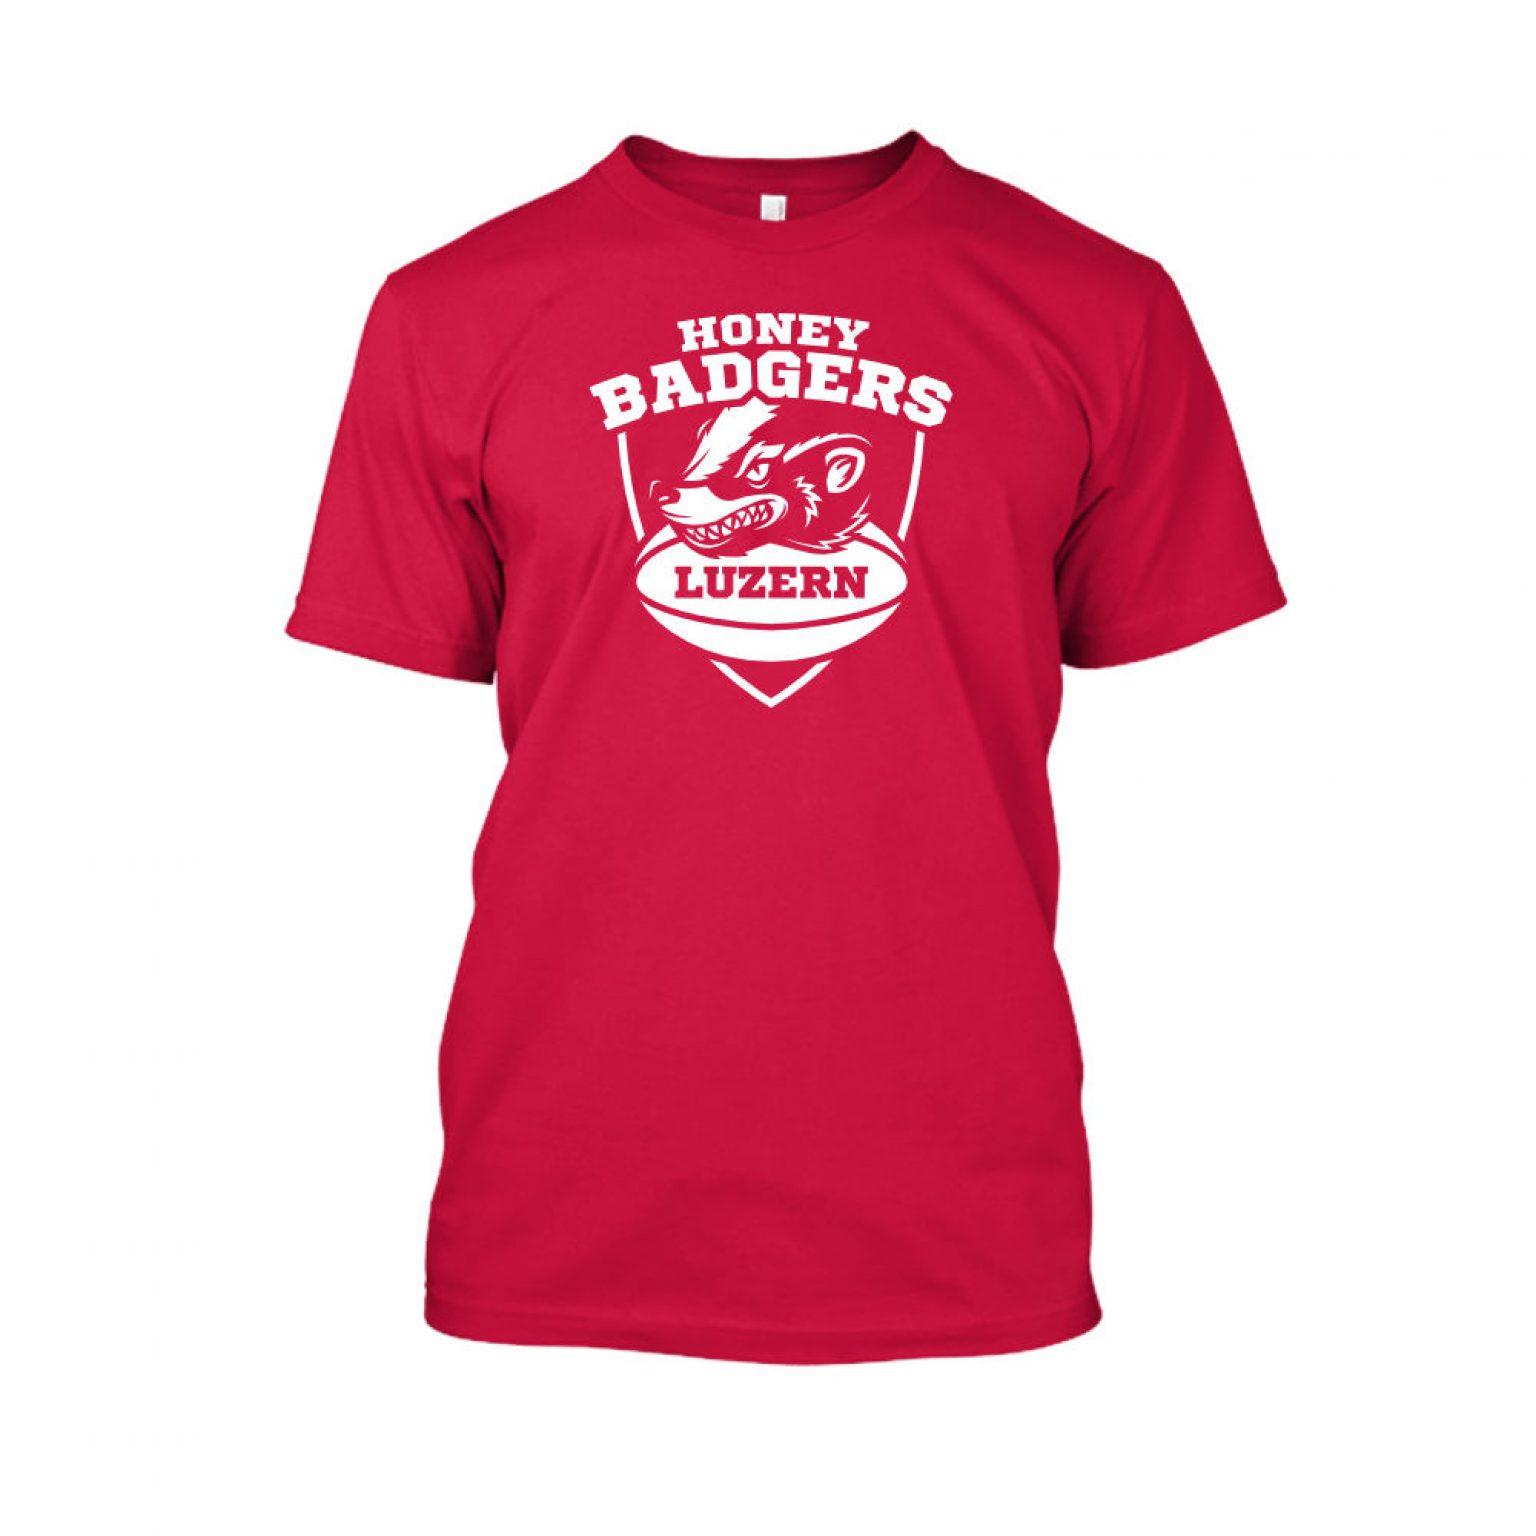 honeybadgerV2 shirt herren red front